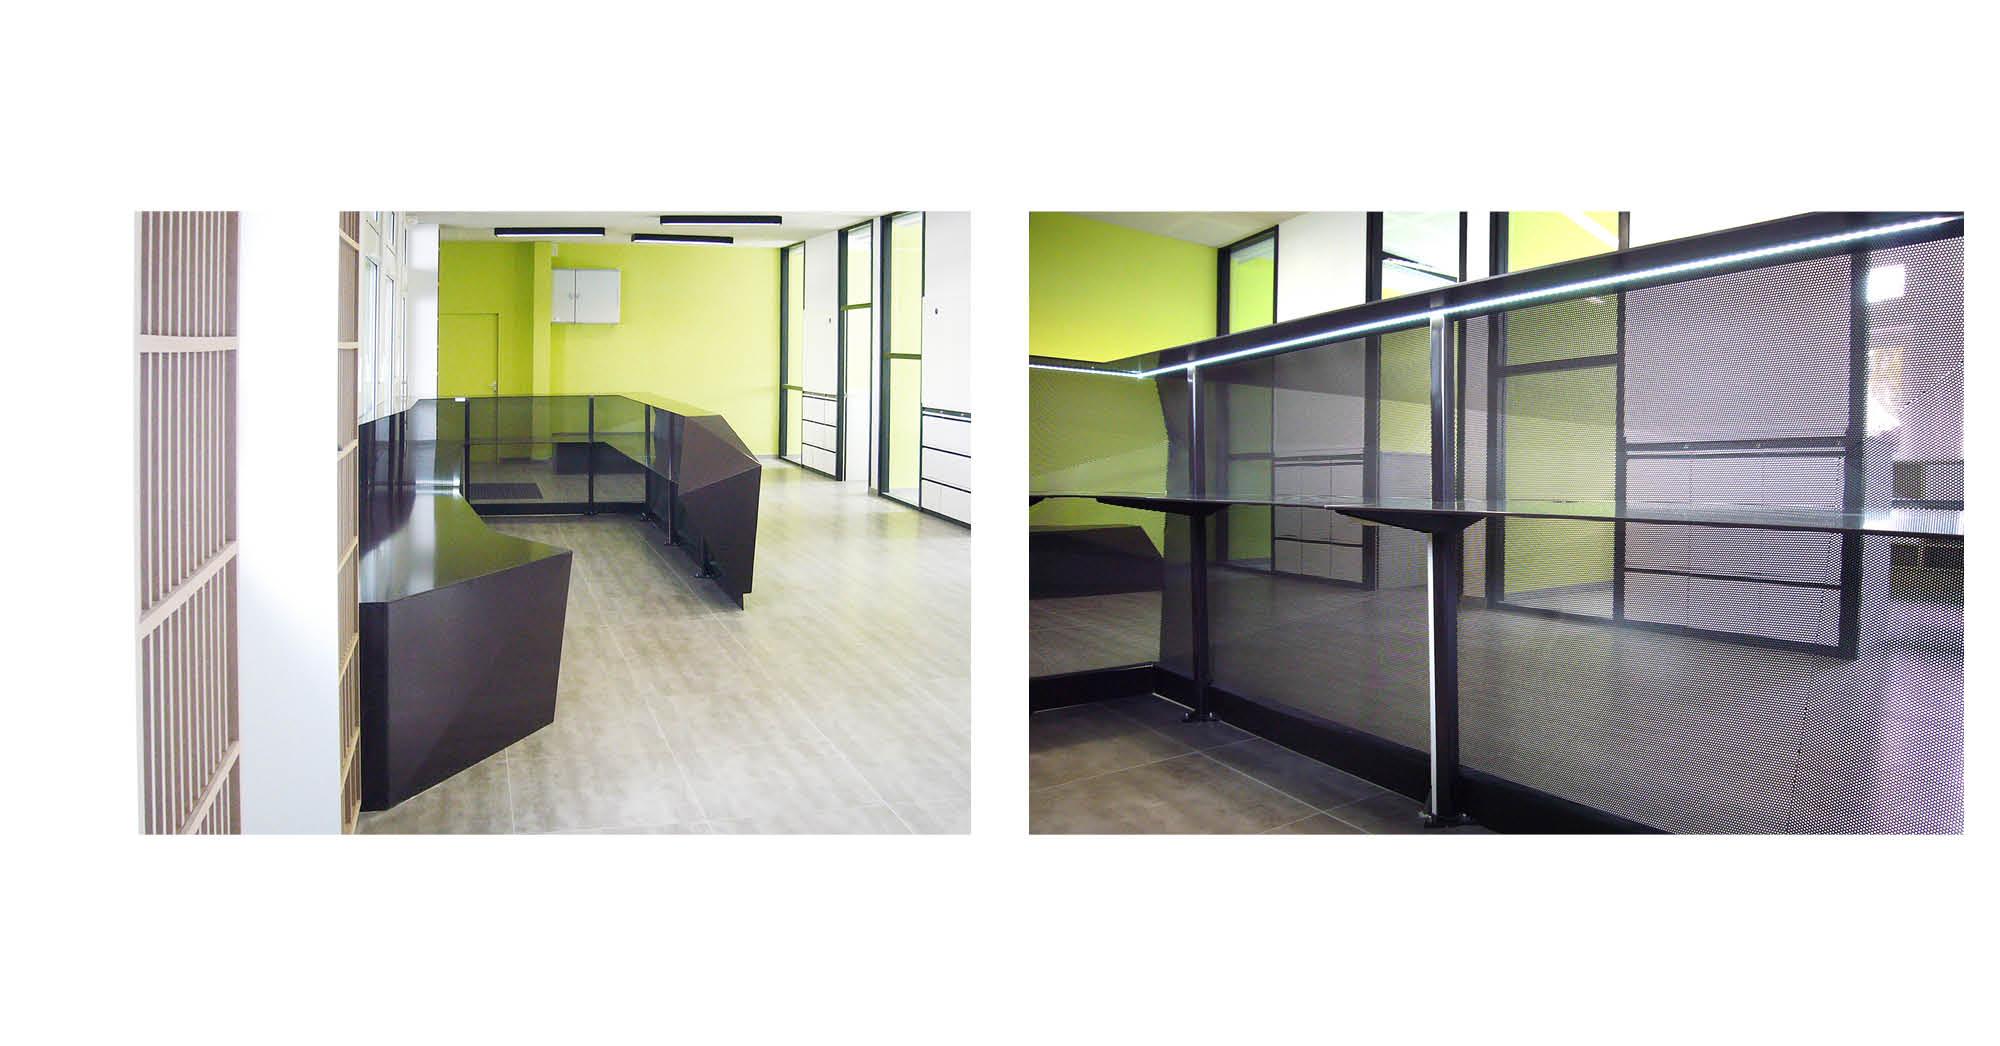 bureau cpe aba workshop. Black Bedroom Furniture Sets. Home Design Ideas